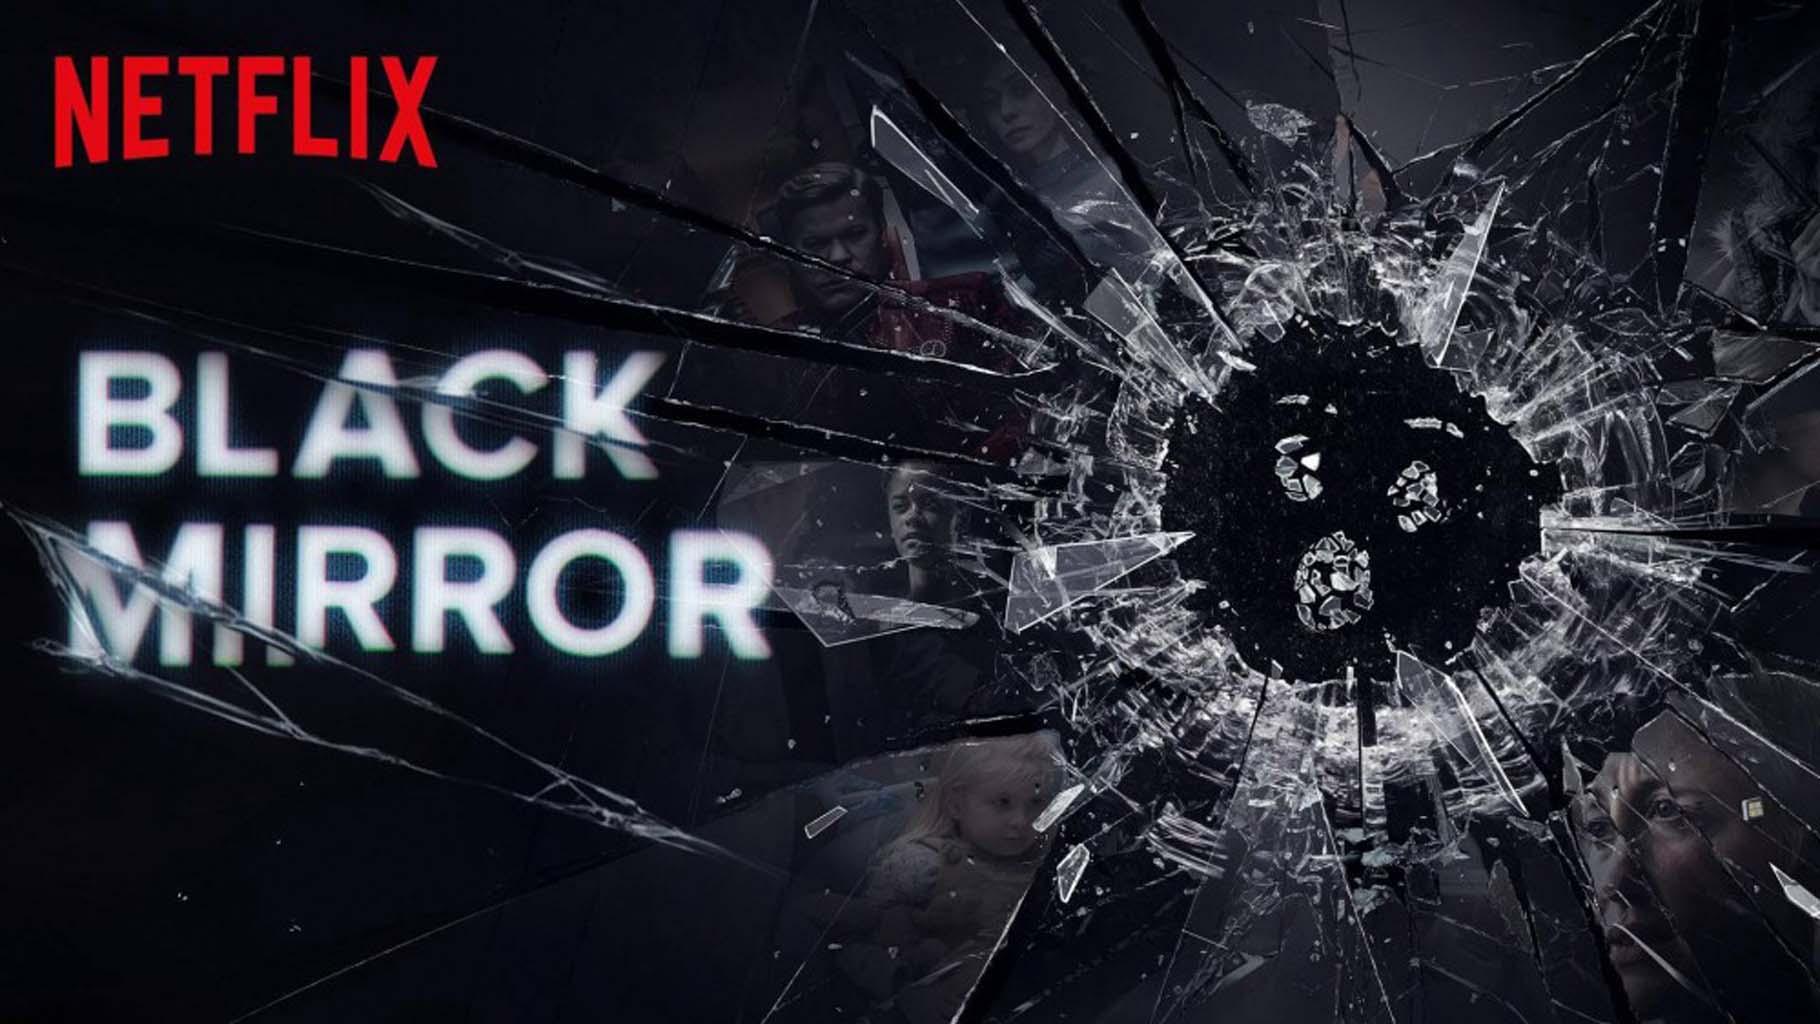 Netflix series, Web series, Sci-Fi, Black Mirror